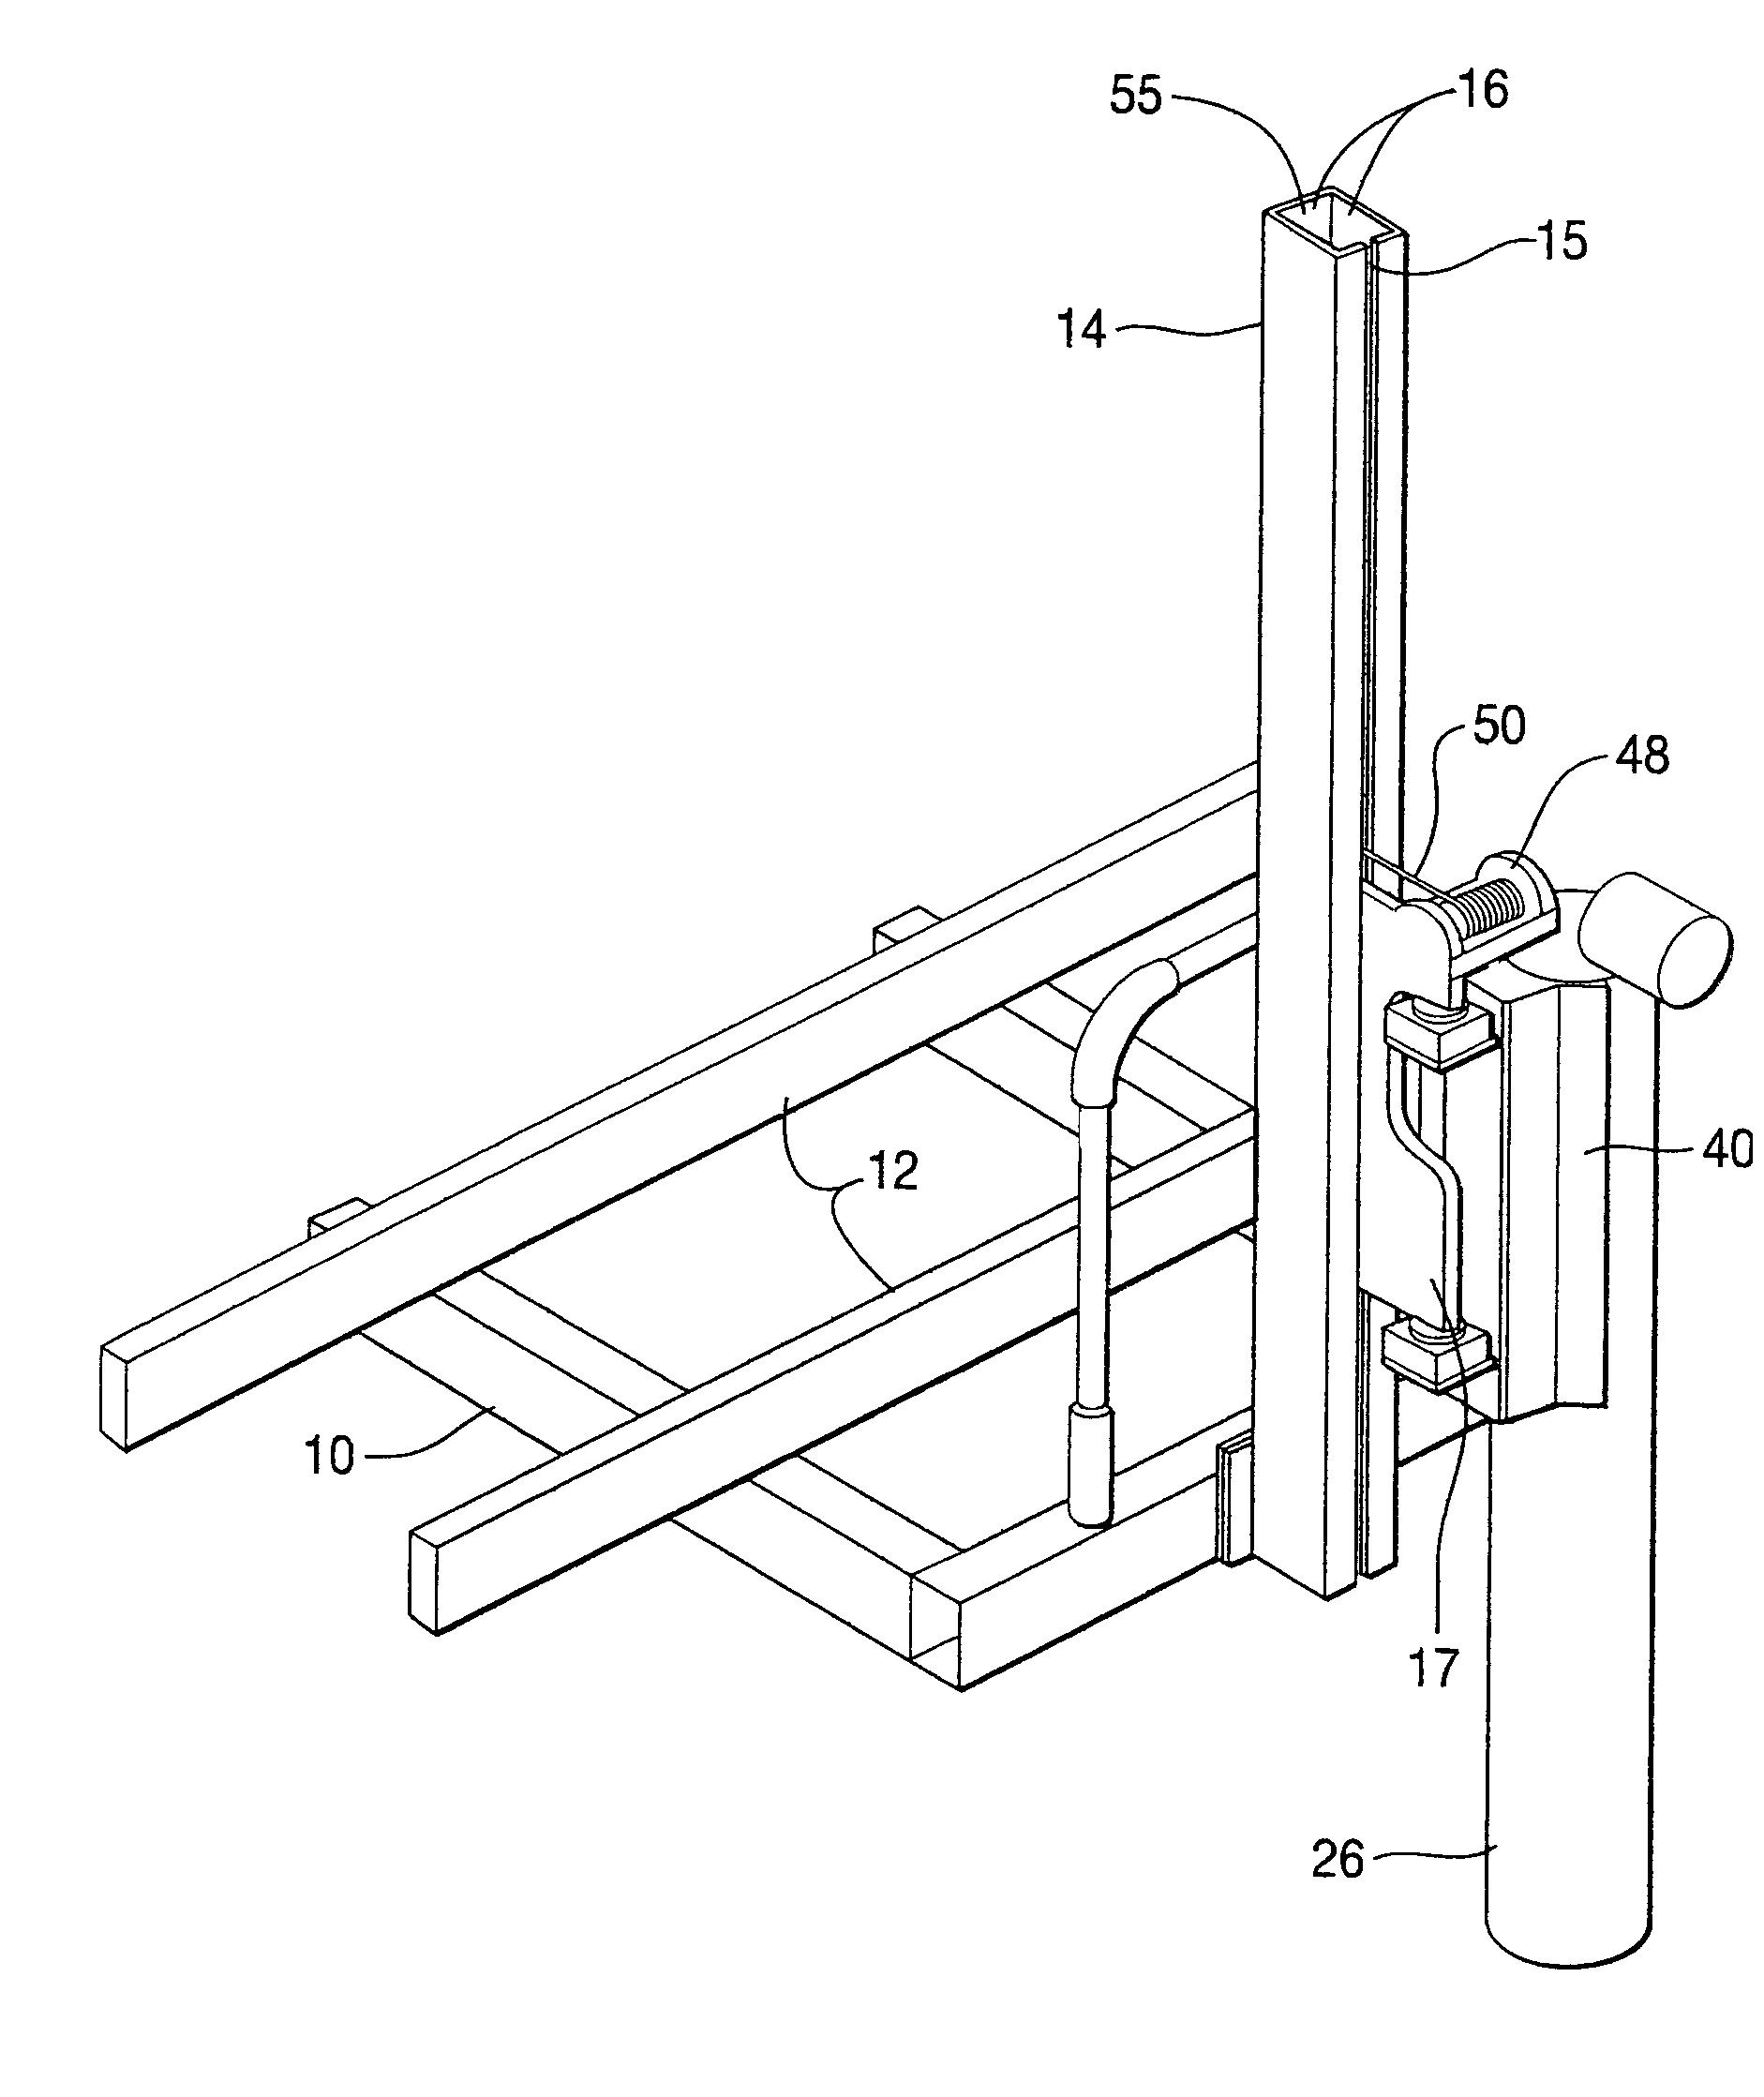 Bastum Boat Lift Hydraulic Wiring Diagram